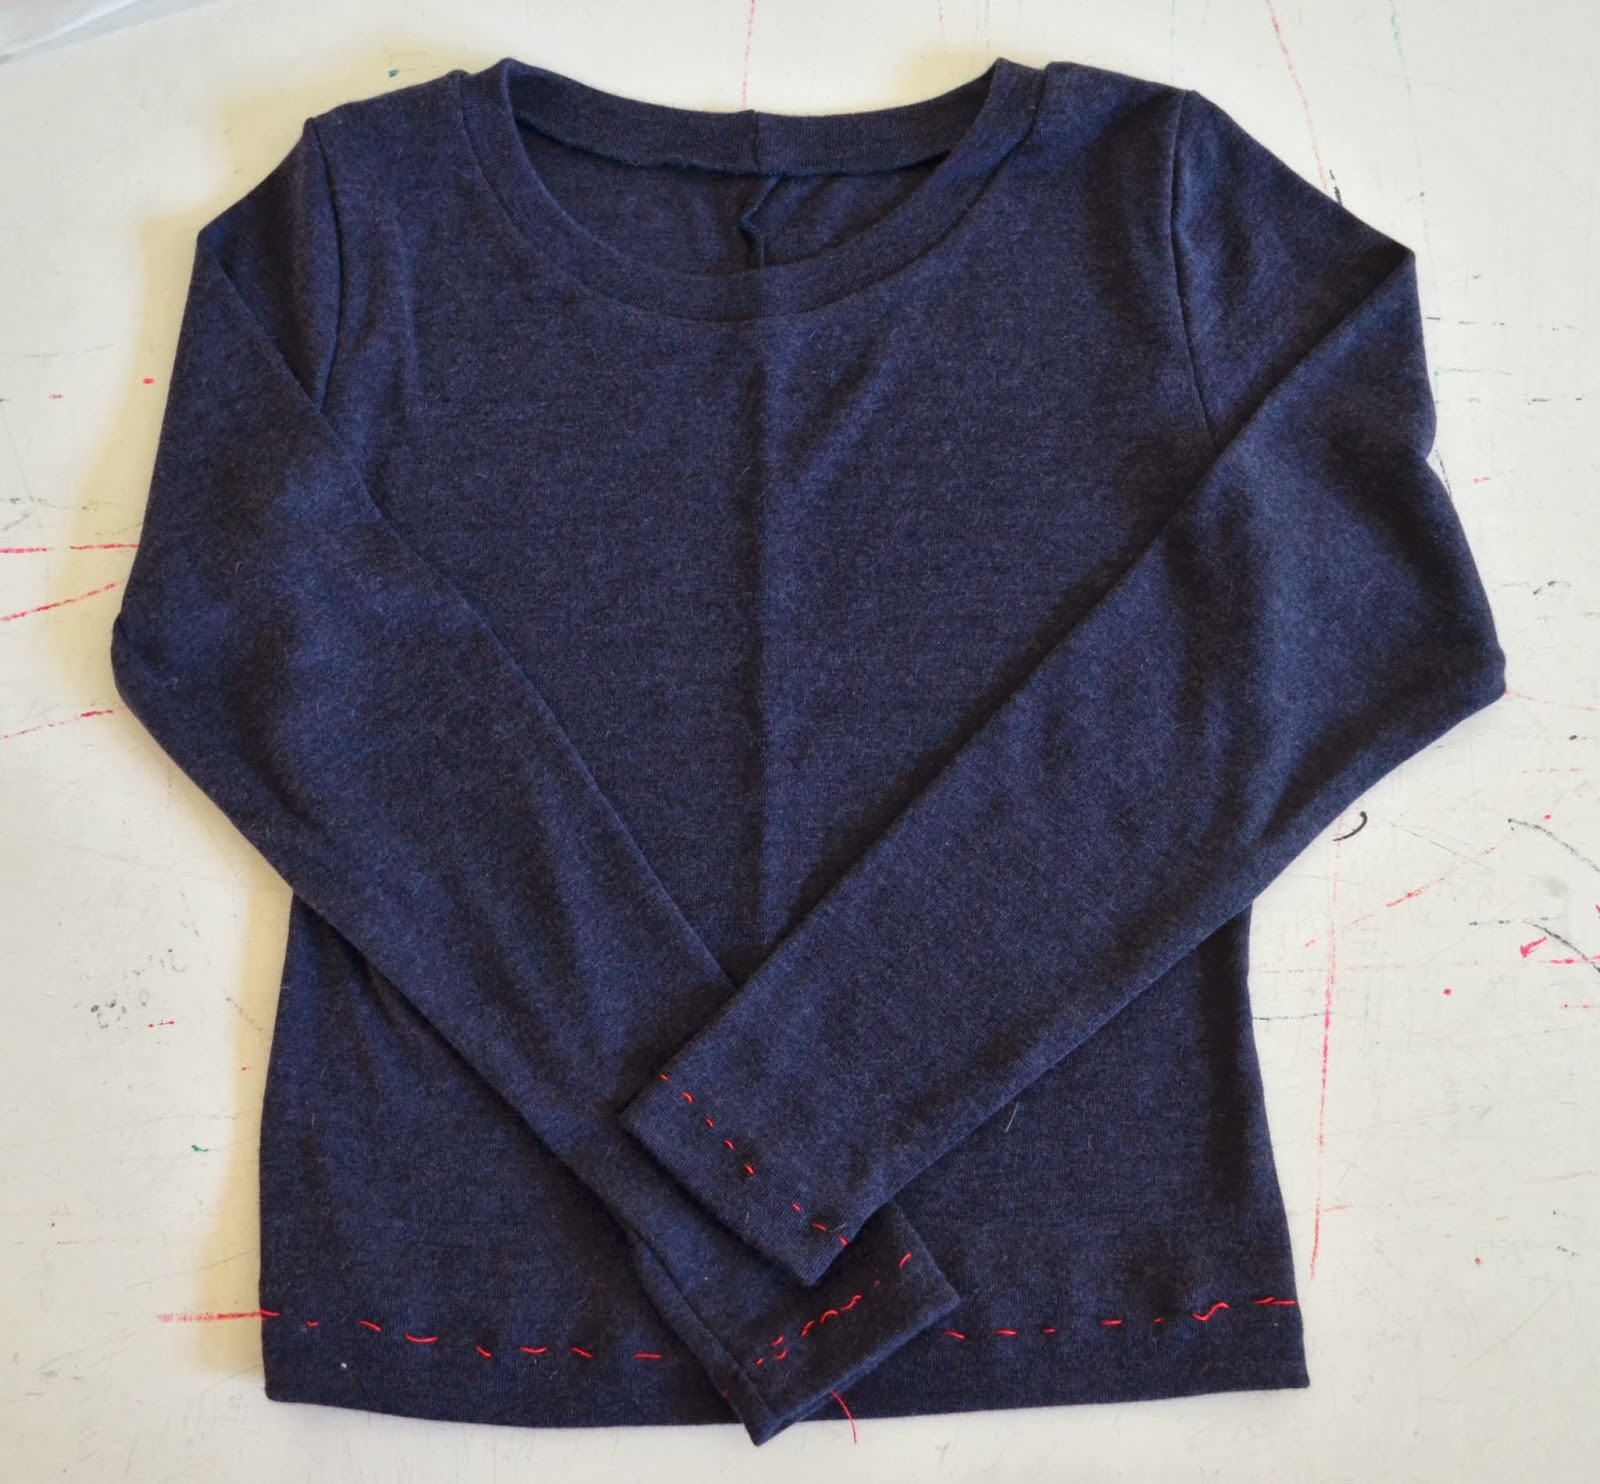 Dark blue jersey top